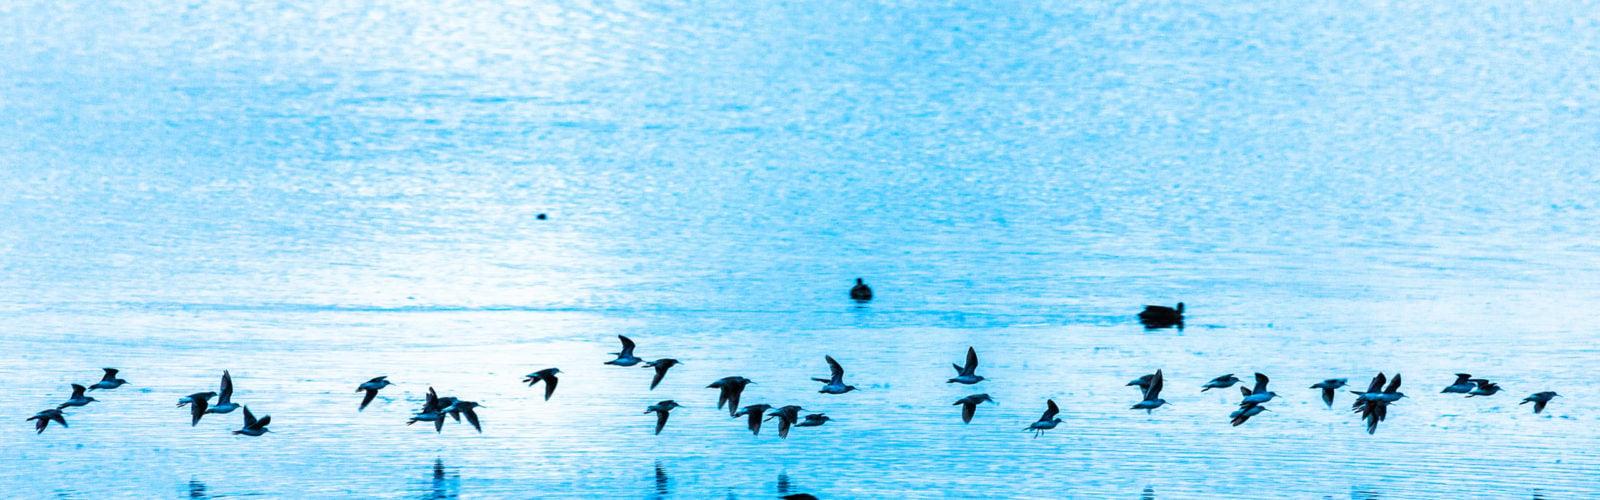 lake-titicaca-peru-birds